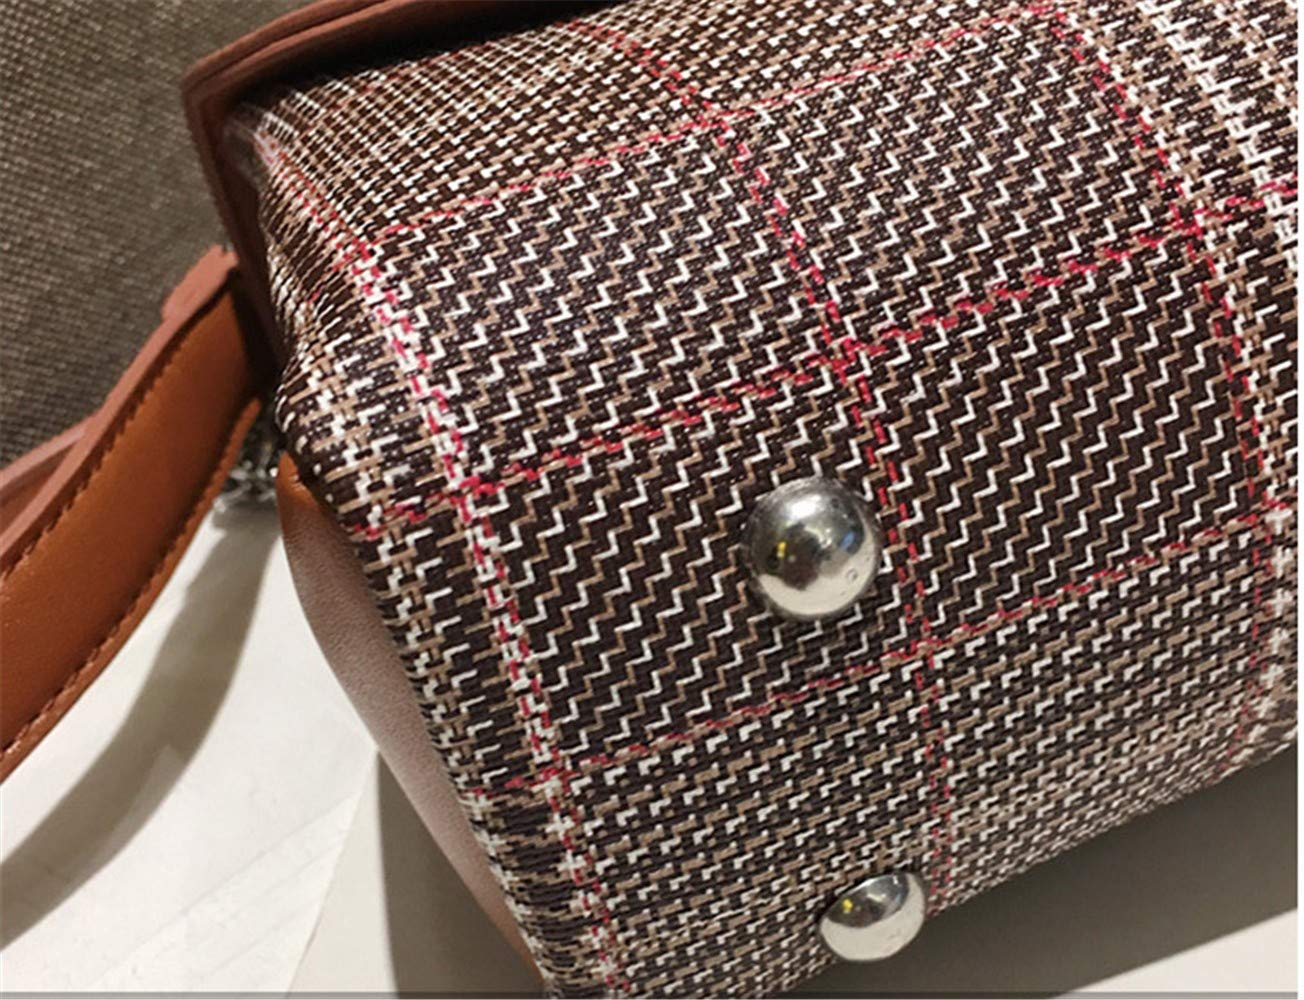 Damen-Mode-Reißverschluss-Mini-Straddle-One-Shoulder-Handtasche Gules Handtasche B07LG55J6T Schultertaschen Hohe Qualität und und und günstig 42c4e4